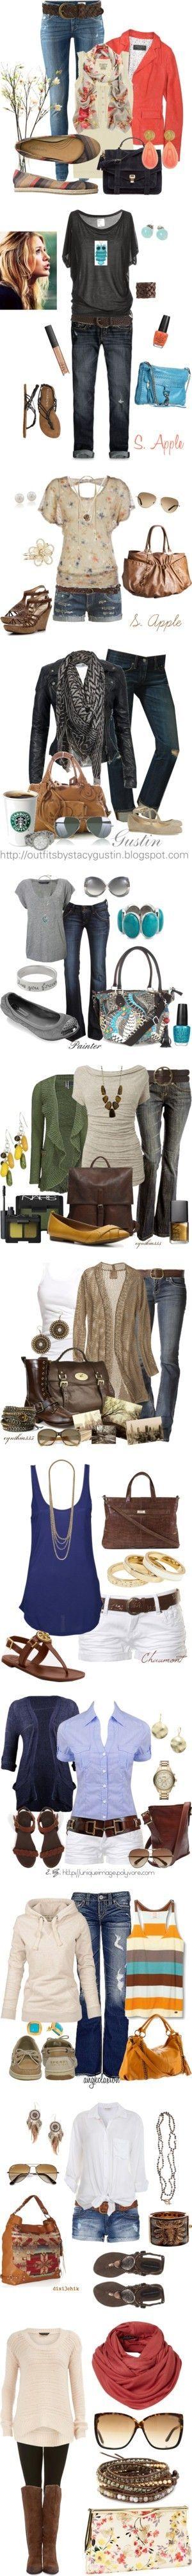 I wish my wardrobe looked like this!